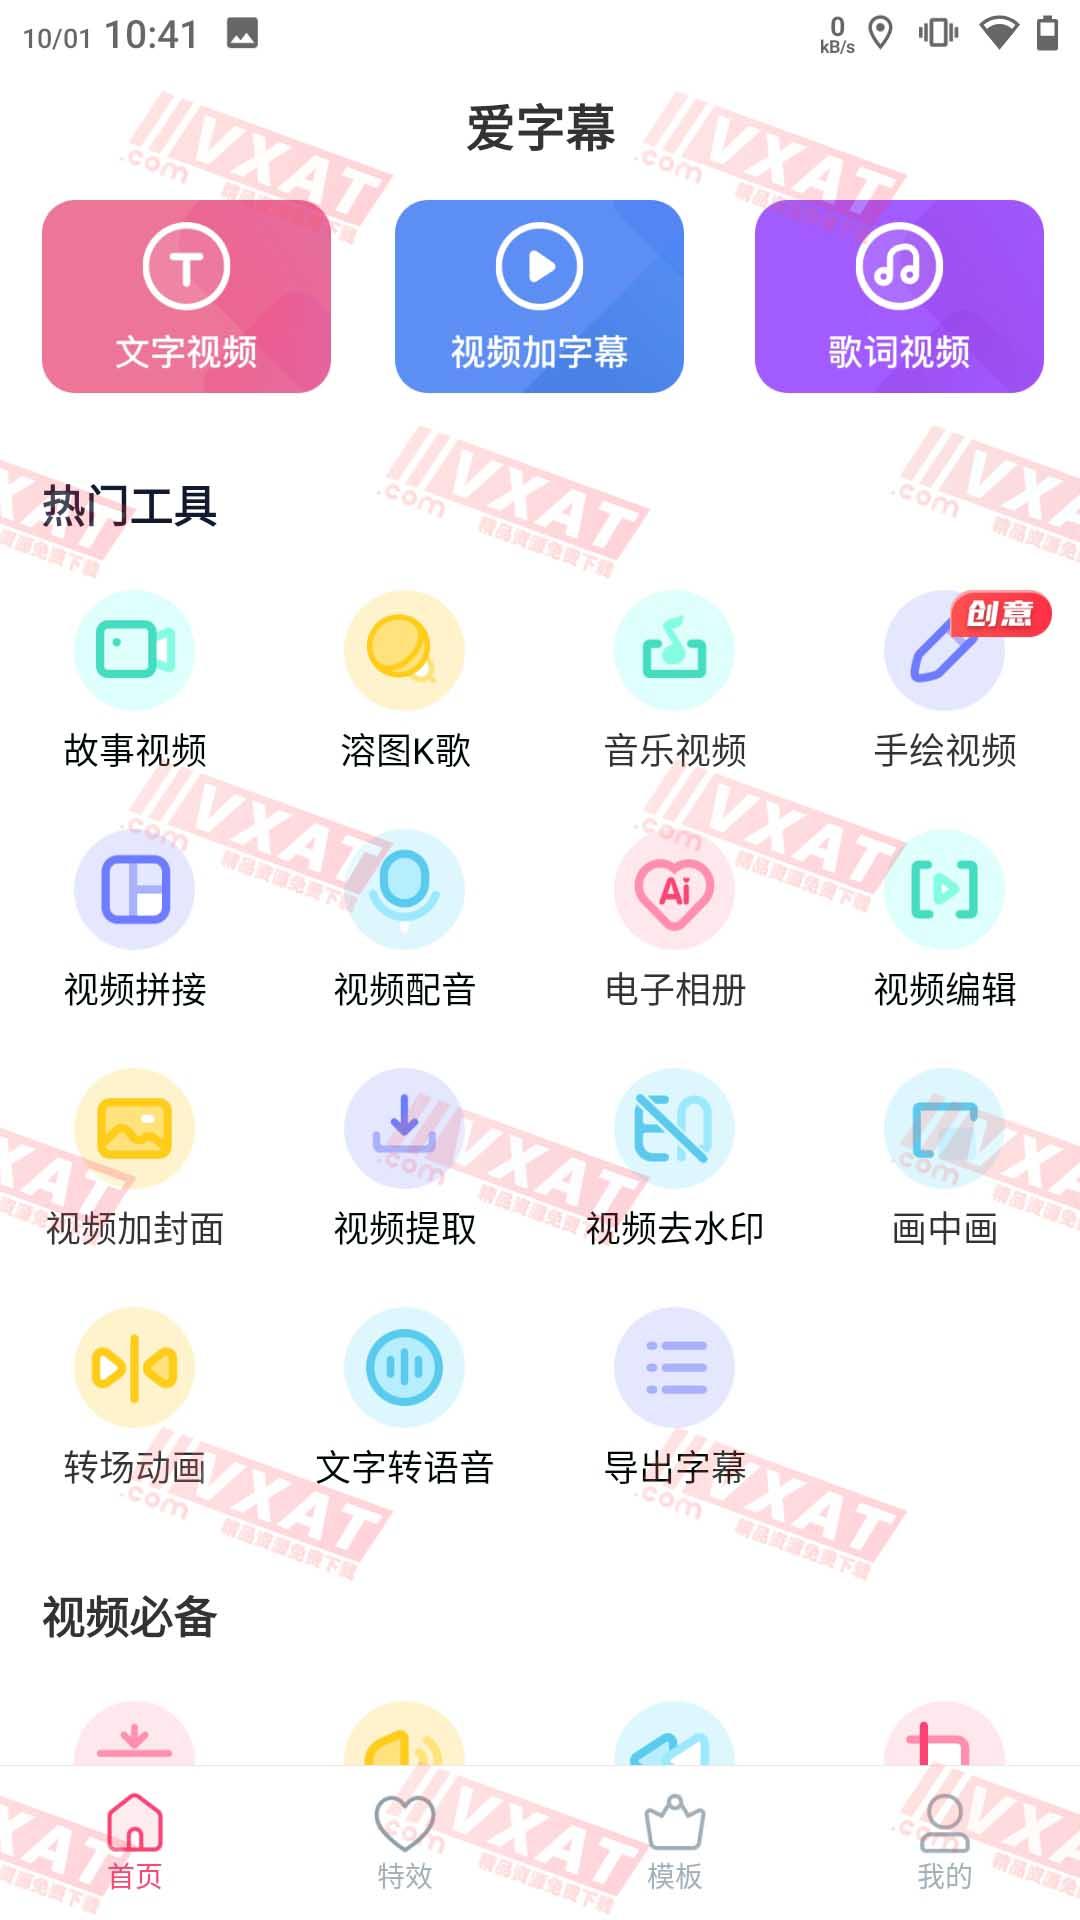 爱字幕 v2.7.2 解锁永久会员版 第1张